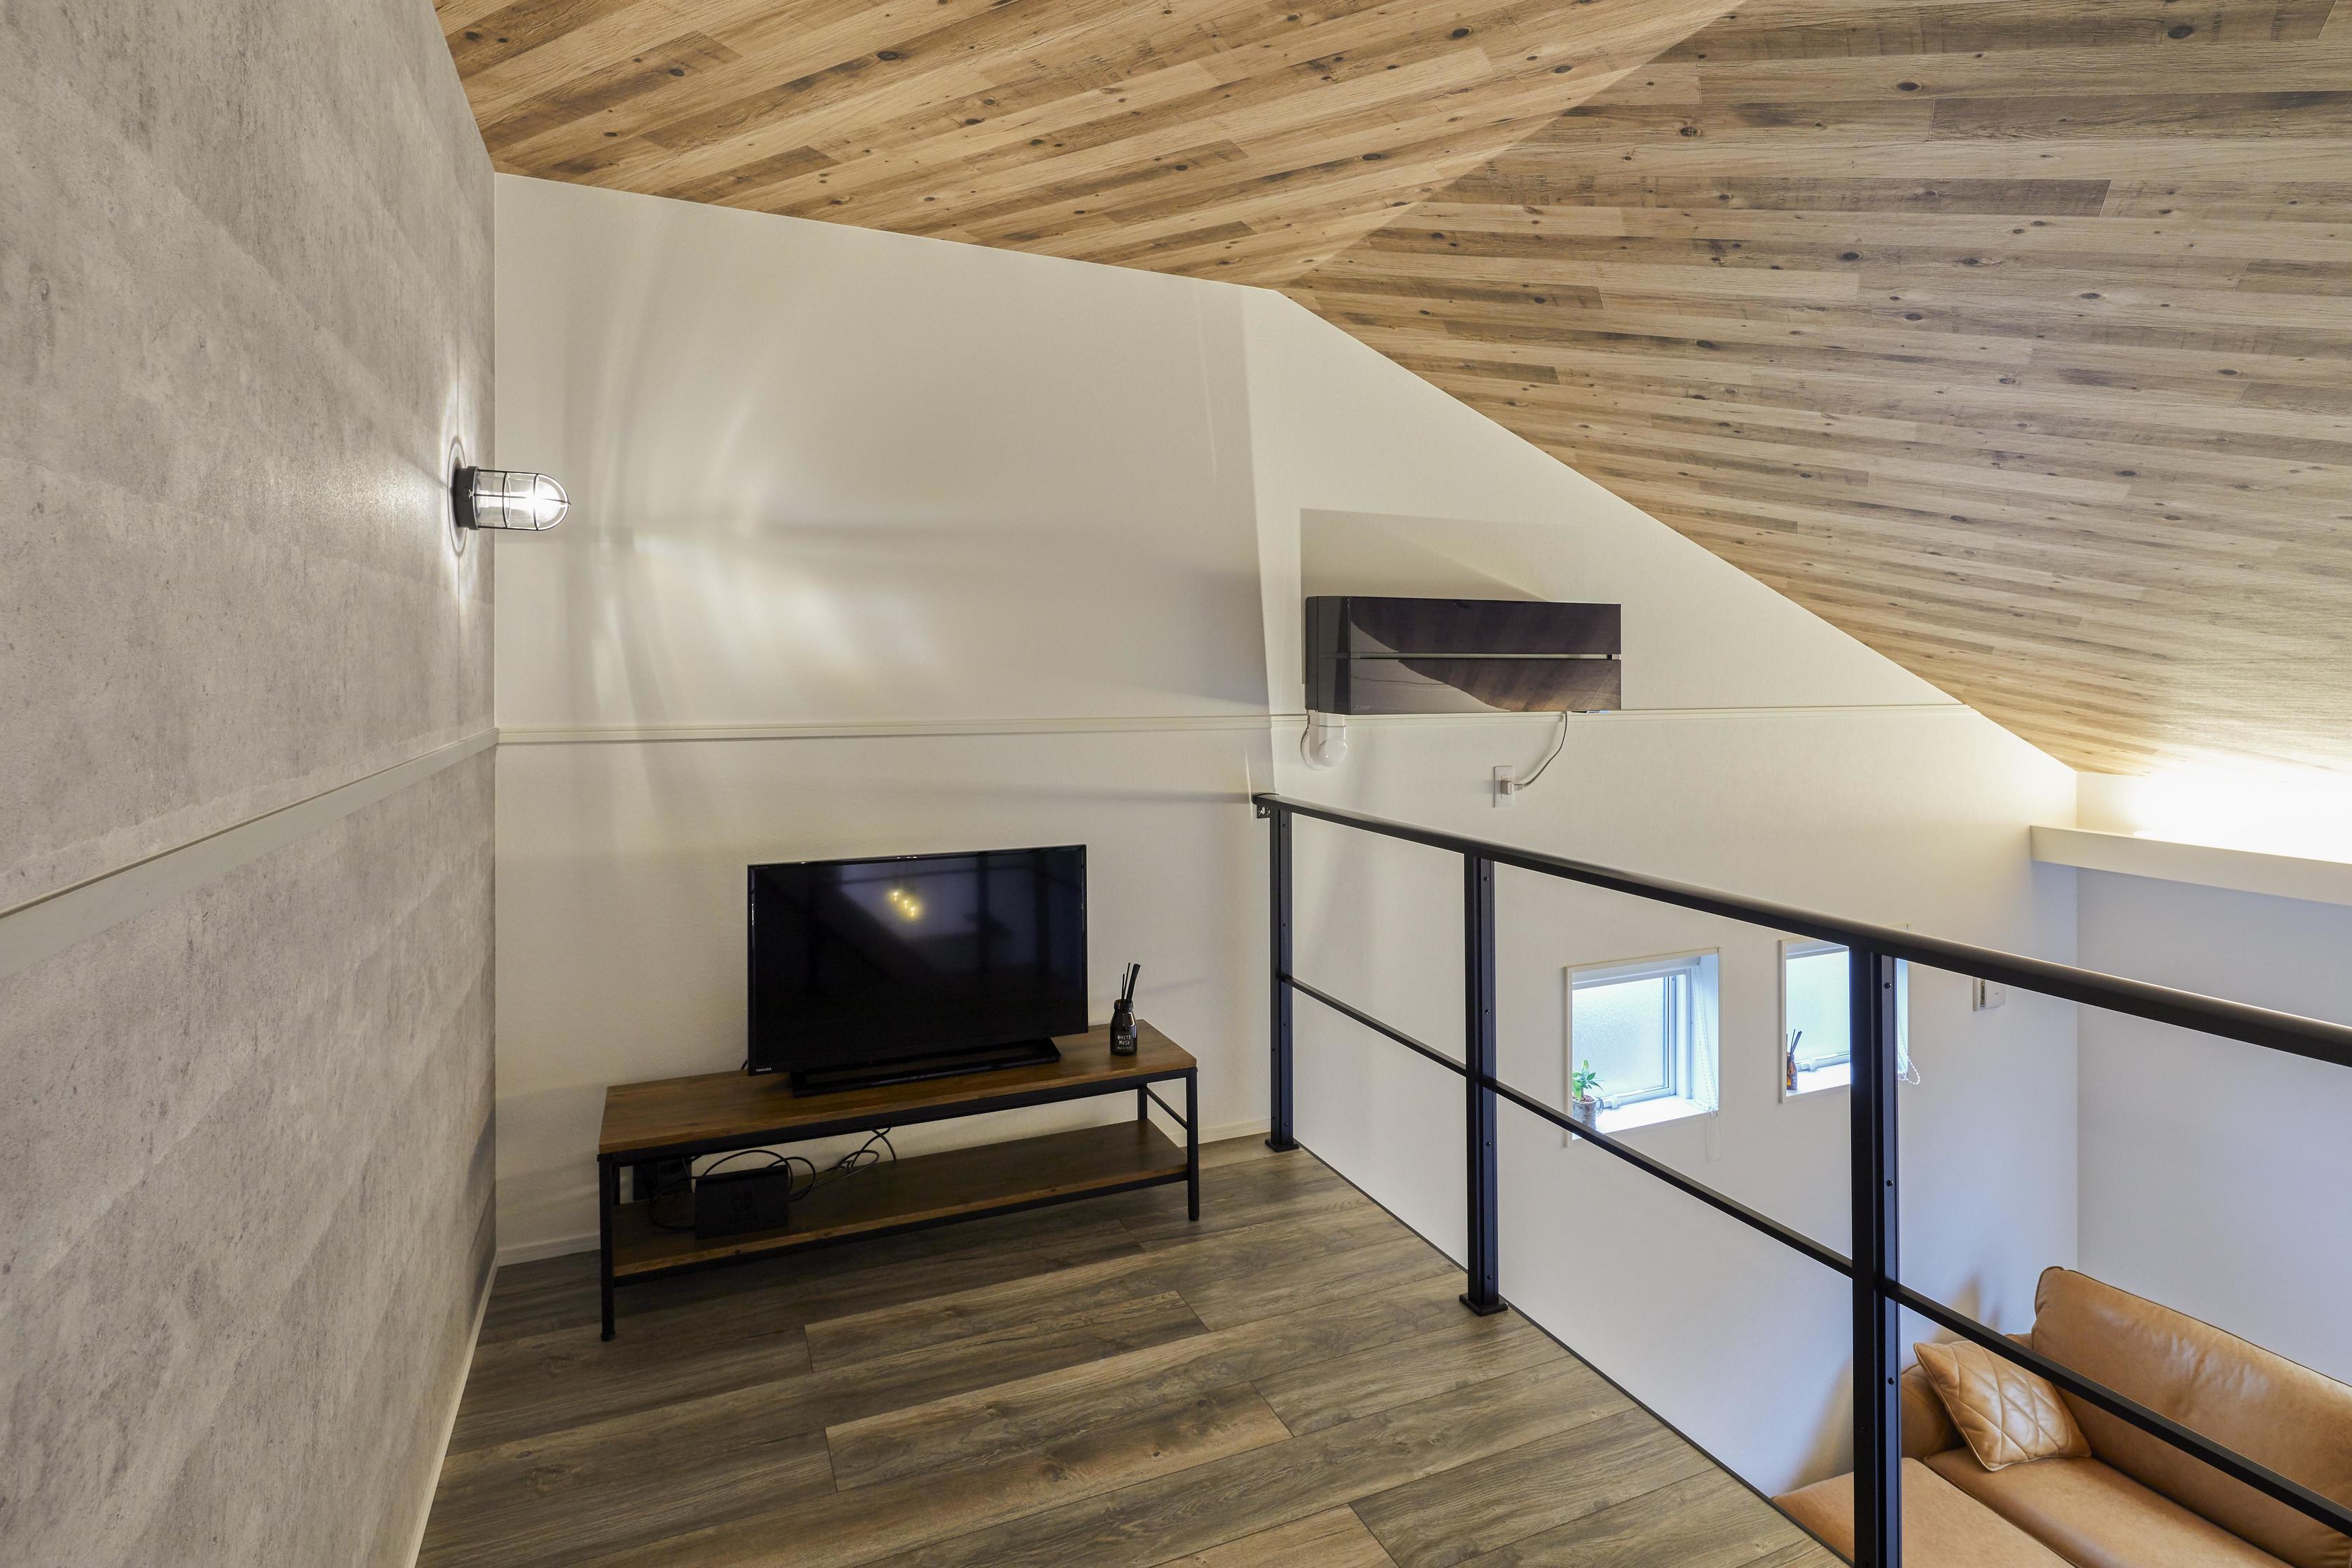 天井にも木調クロスを貼ってオシャレな空間にしあげた